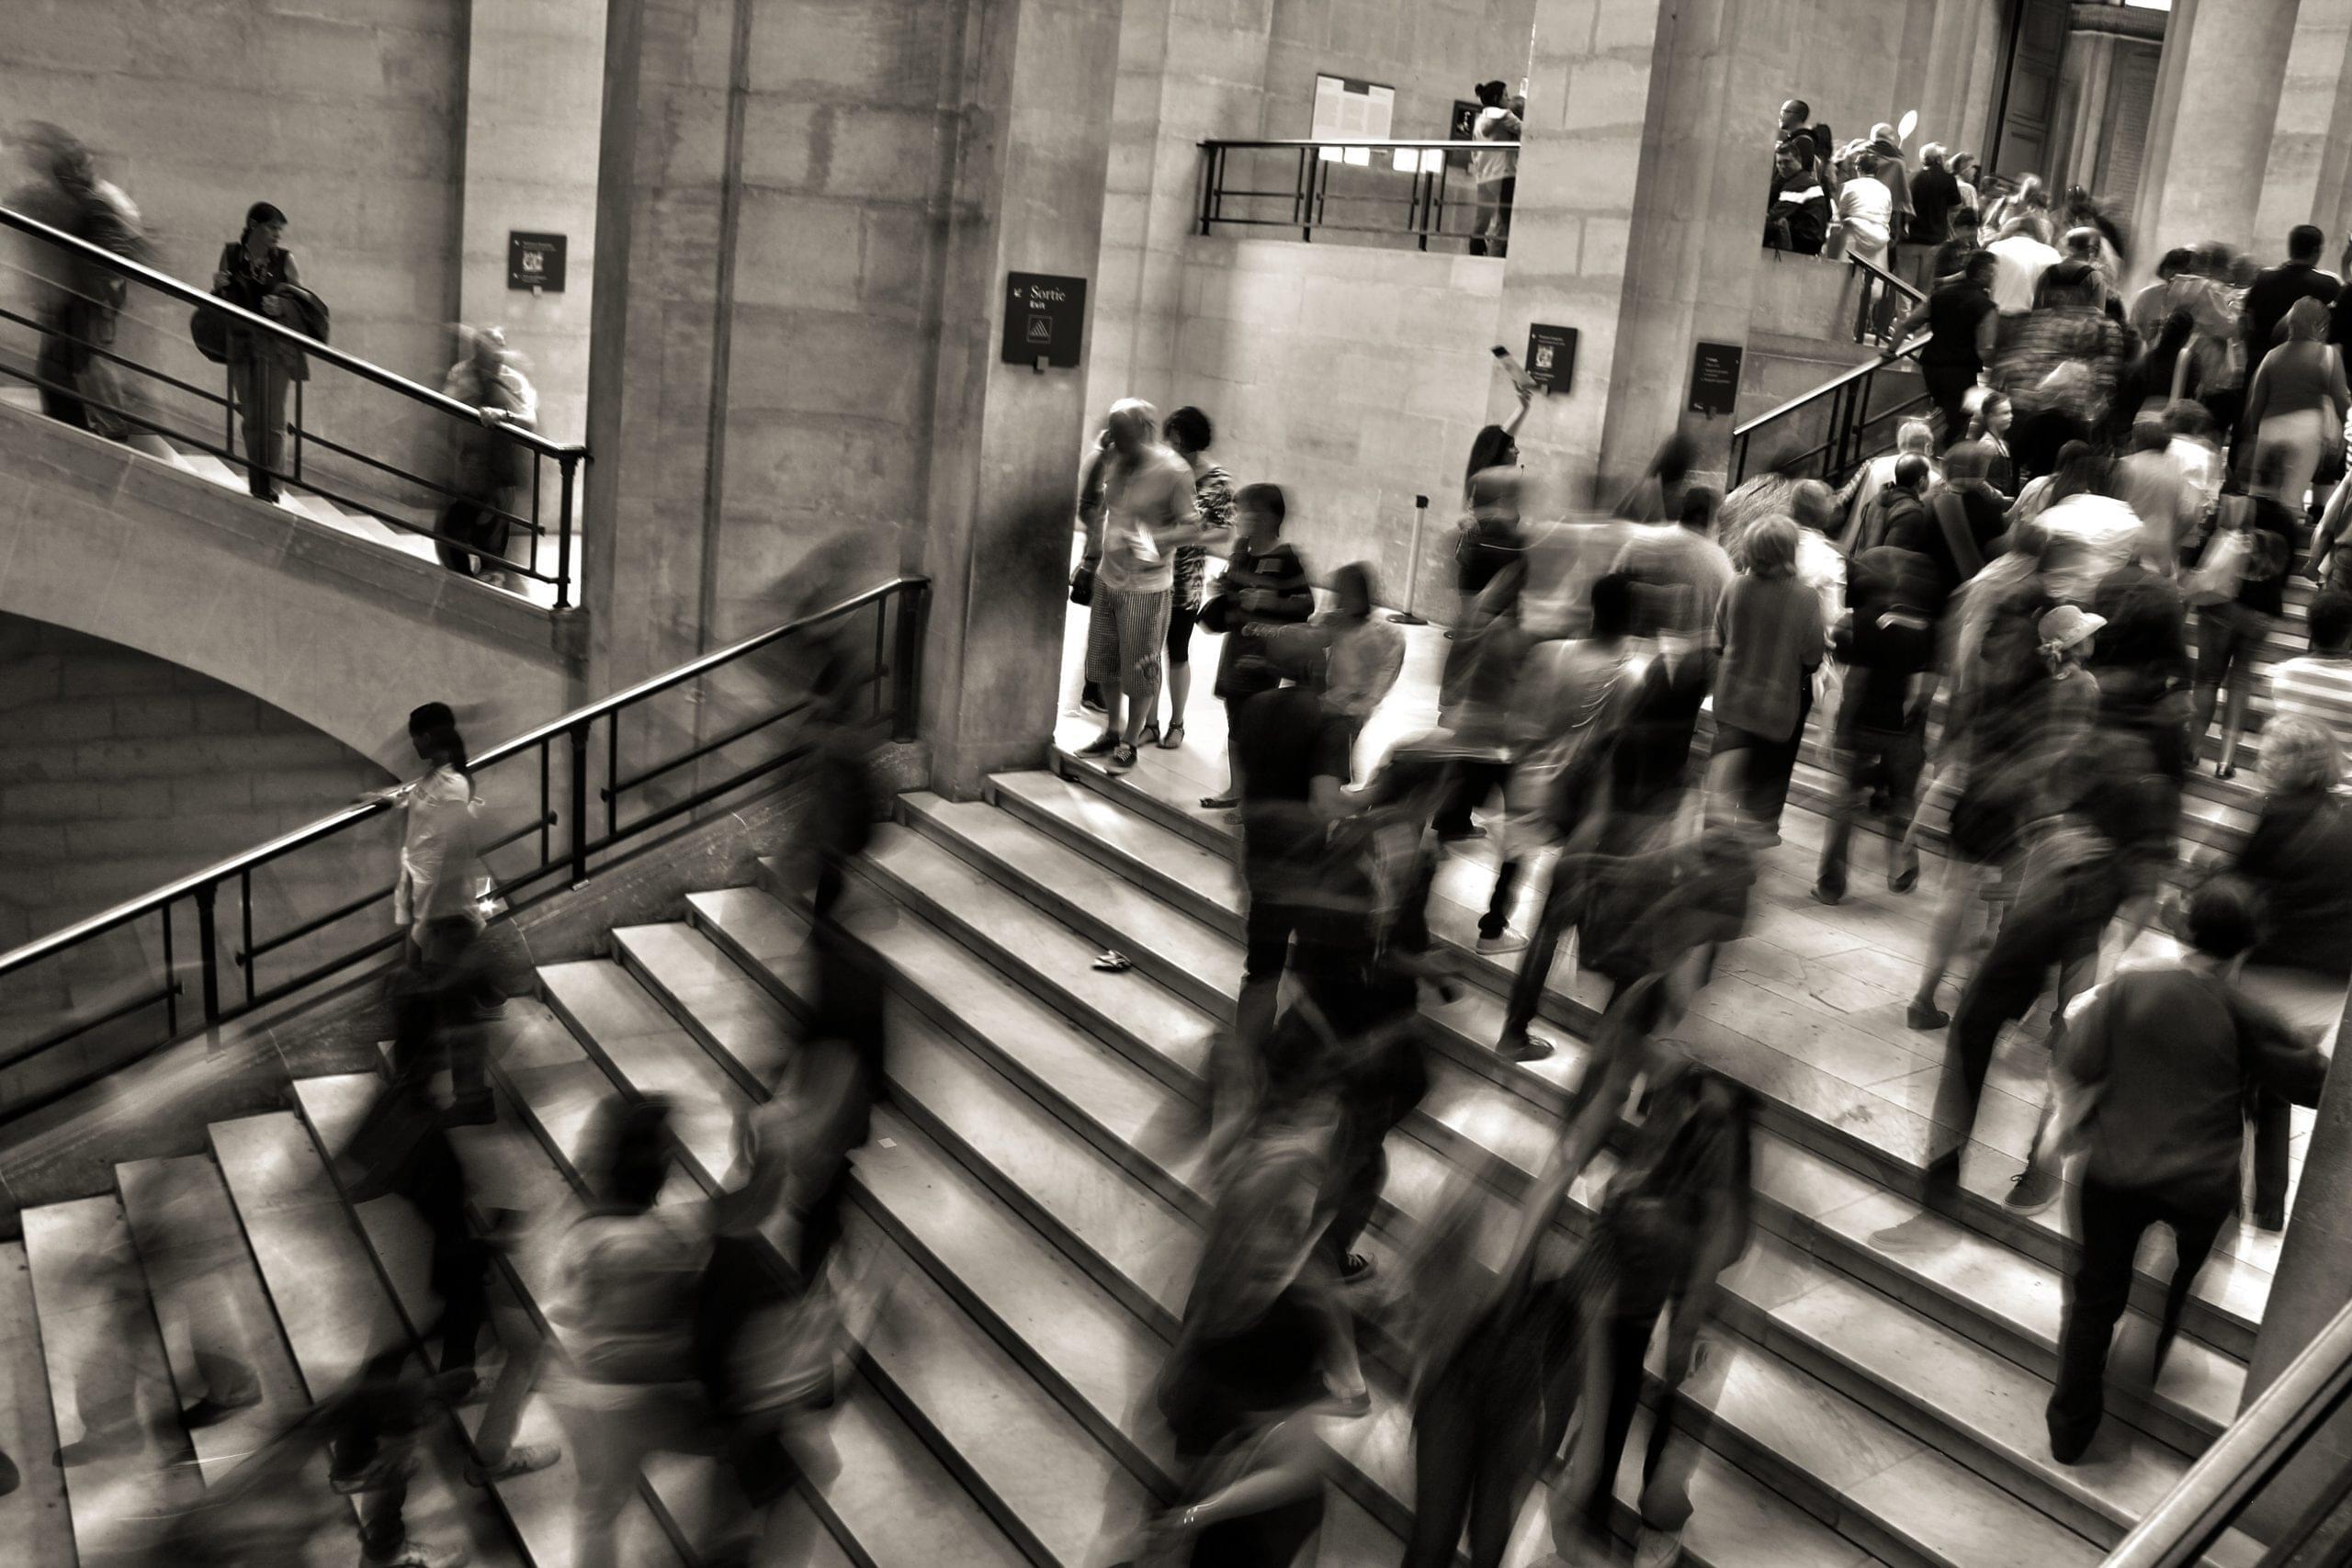 Menschen auf Treppen in Bewegung